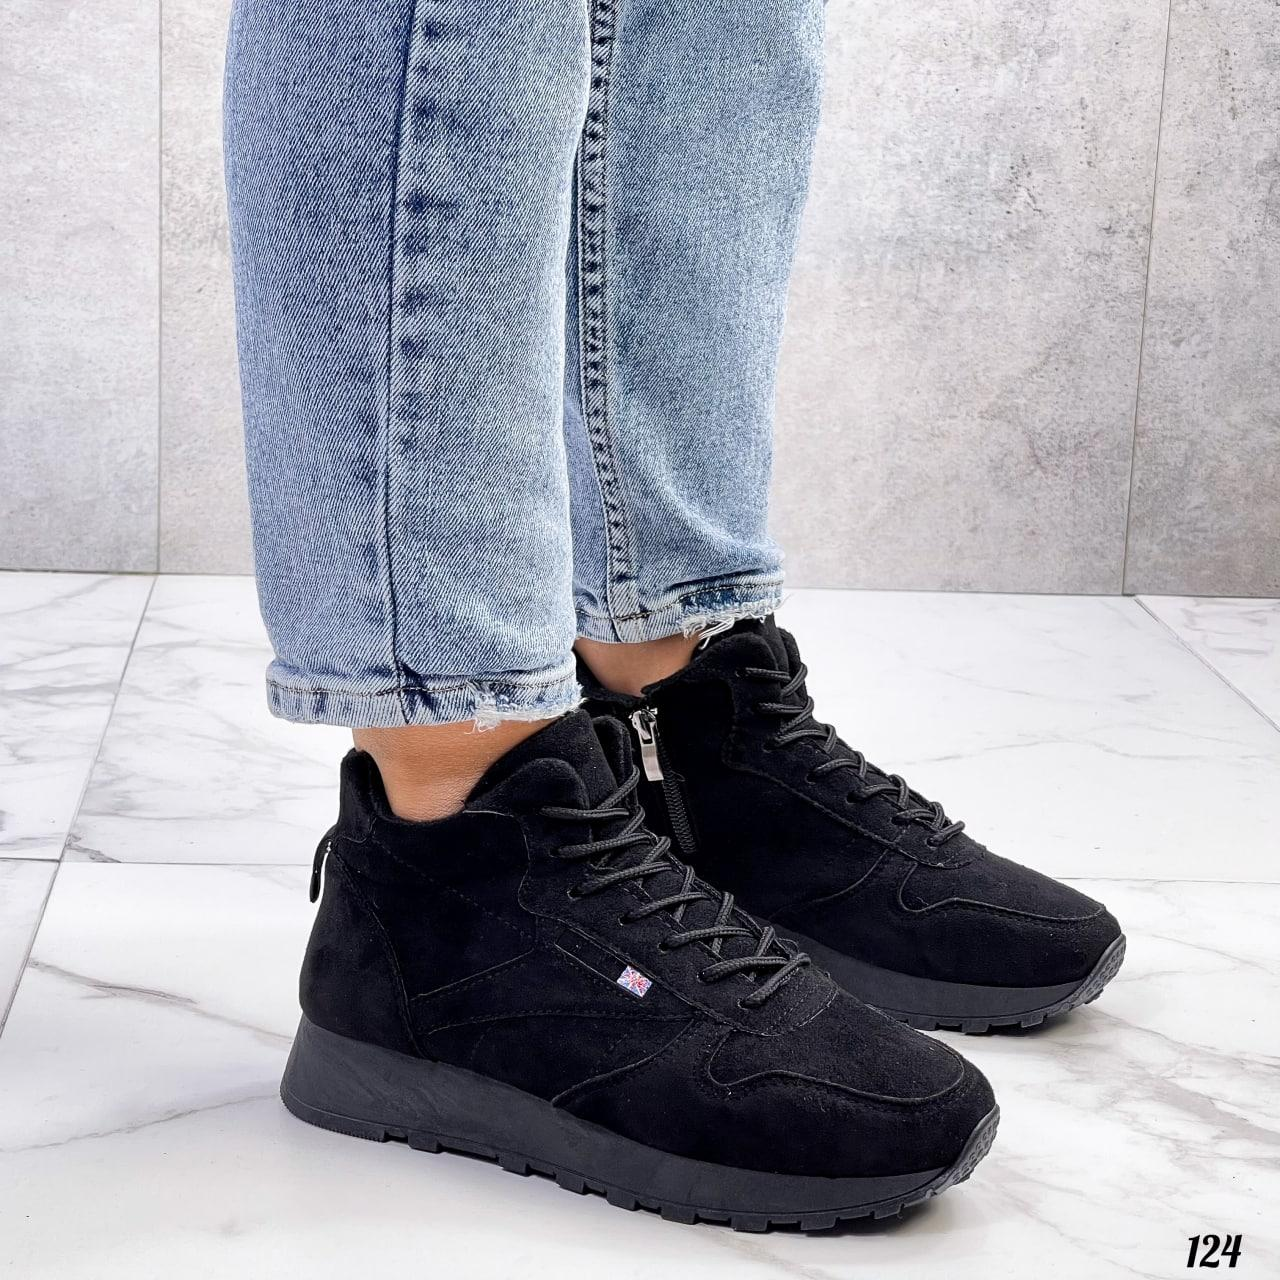 Высокие кроссовки -хайтопы женские черные эко замш